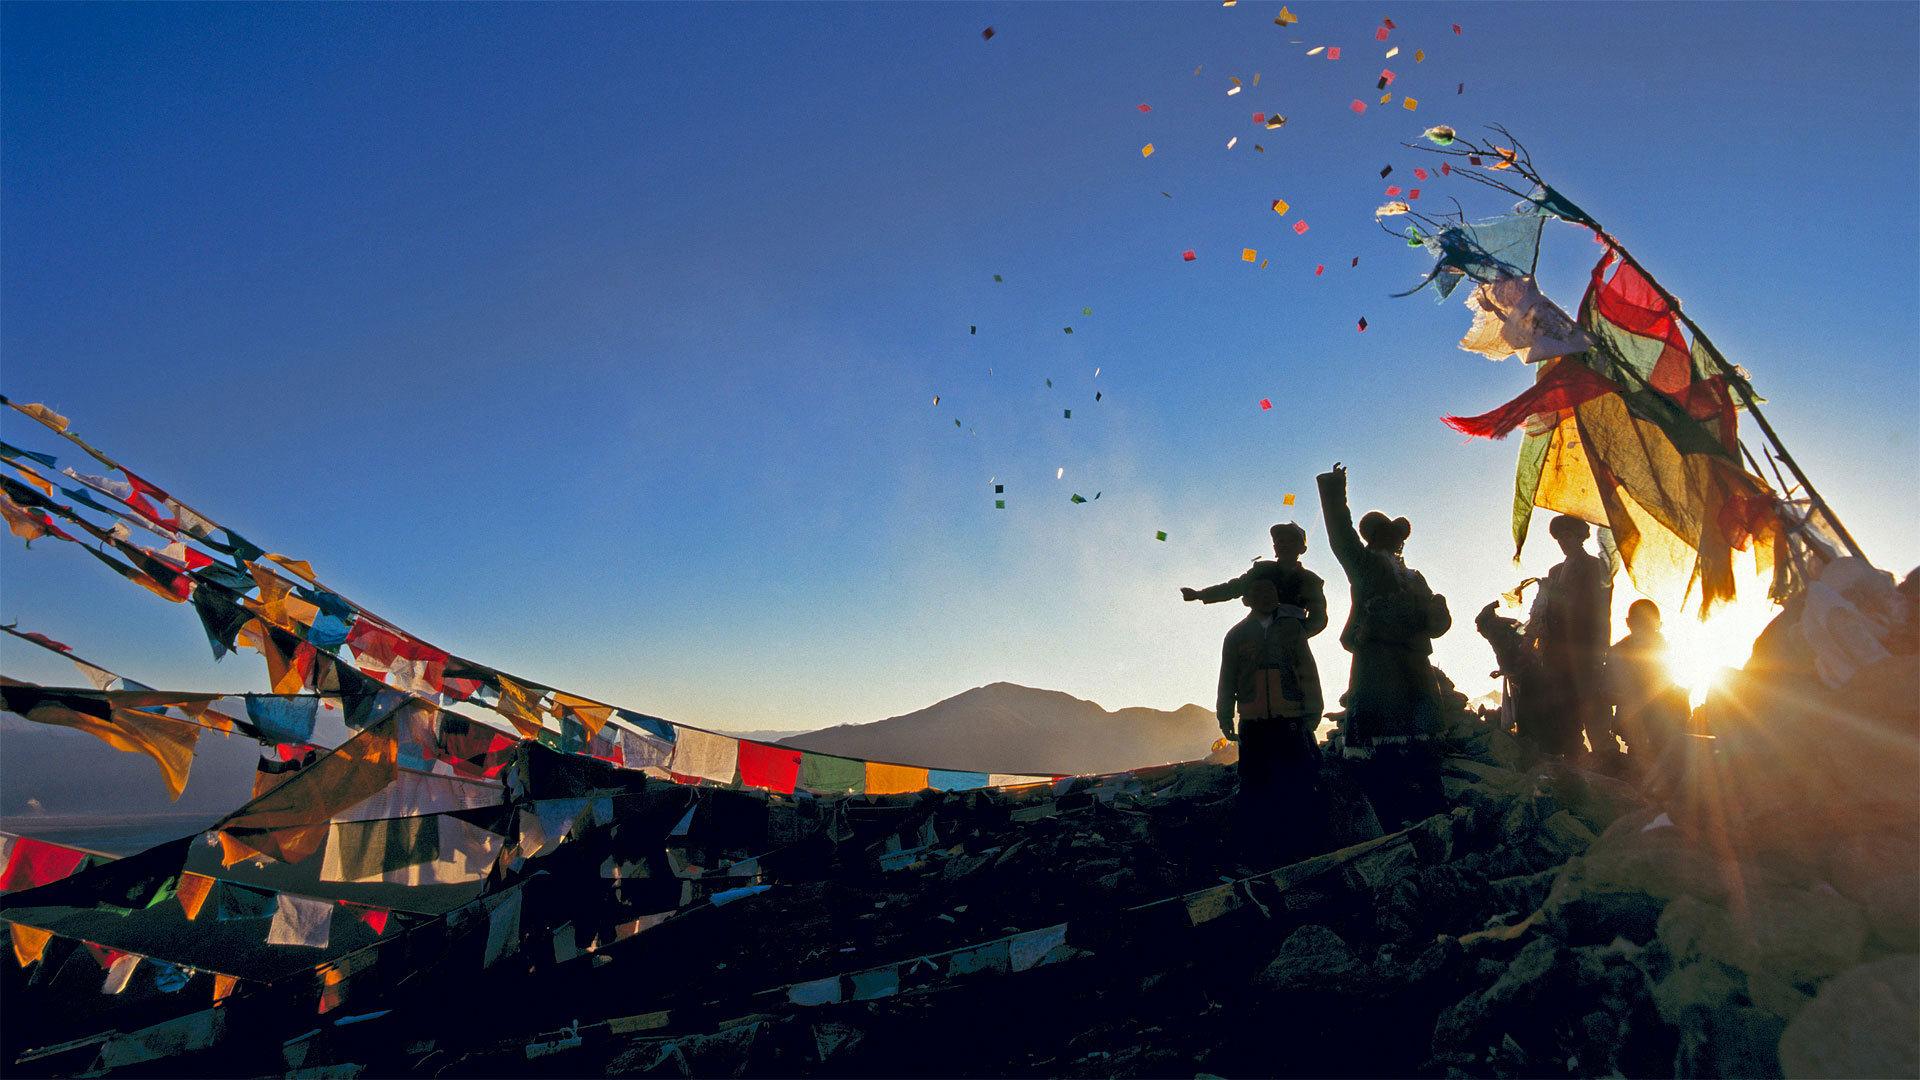 朝圣者将风马旗扔向甘登寺上方的空中为新年祈福风马旗